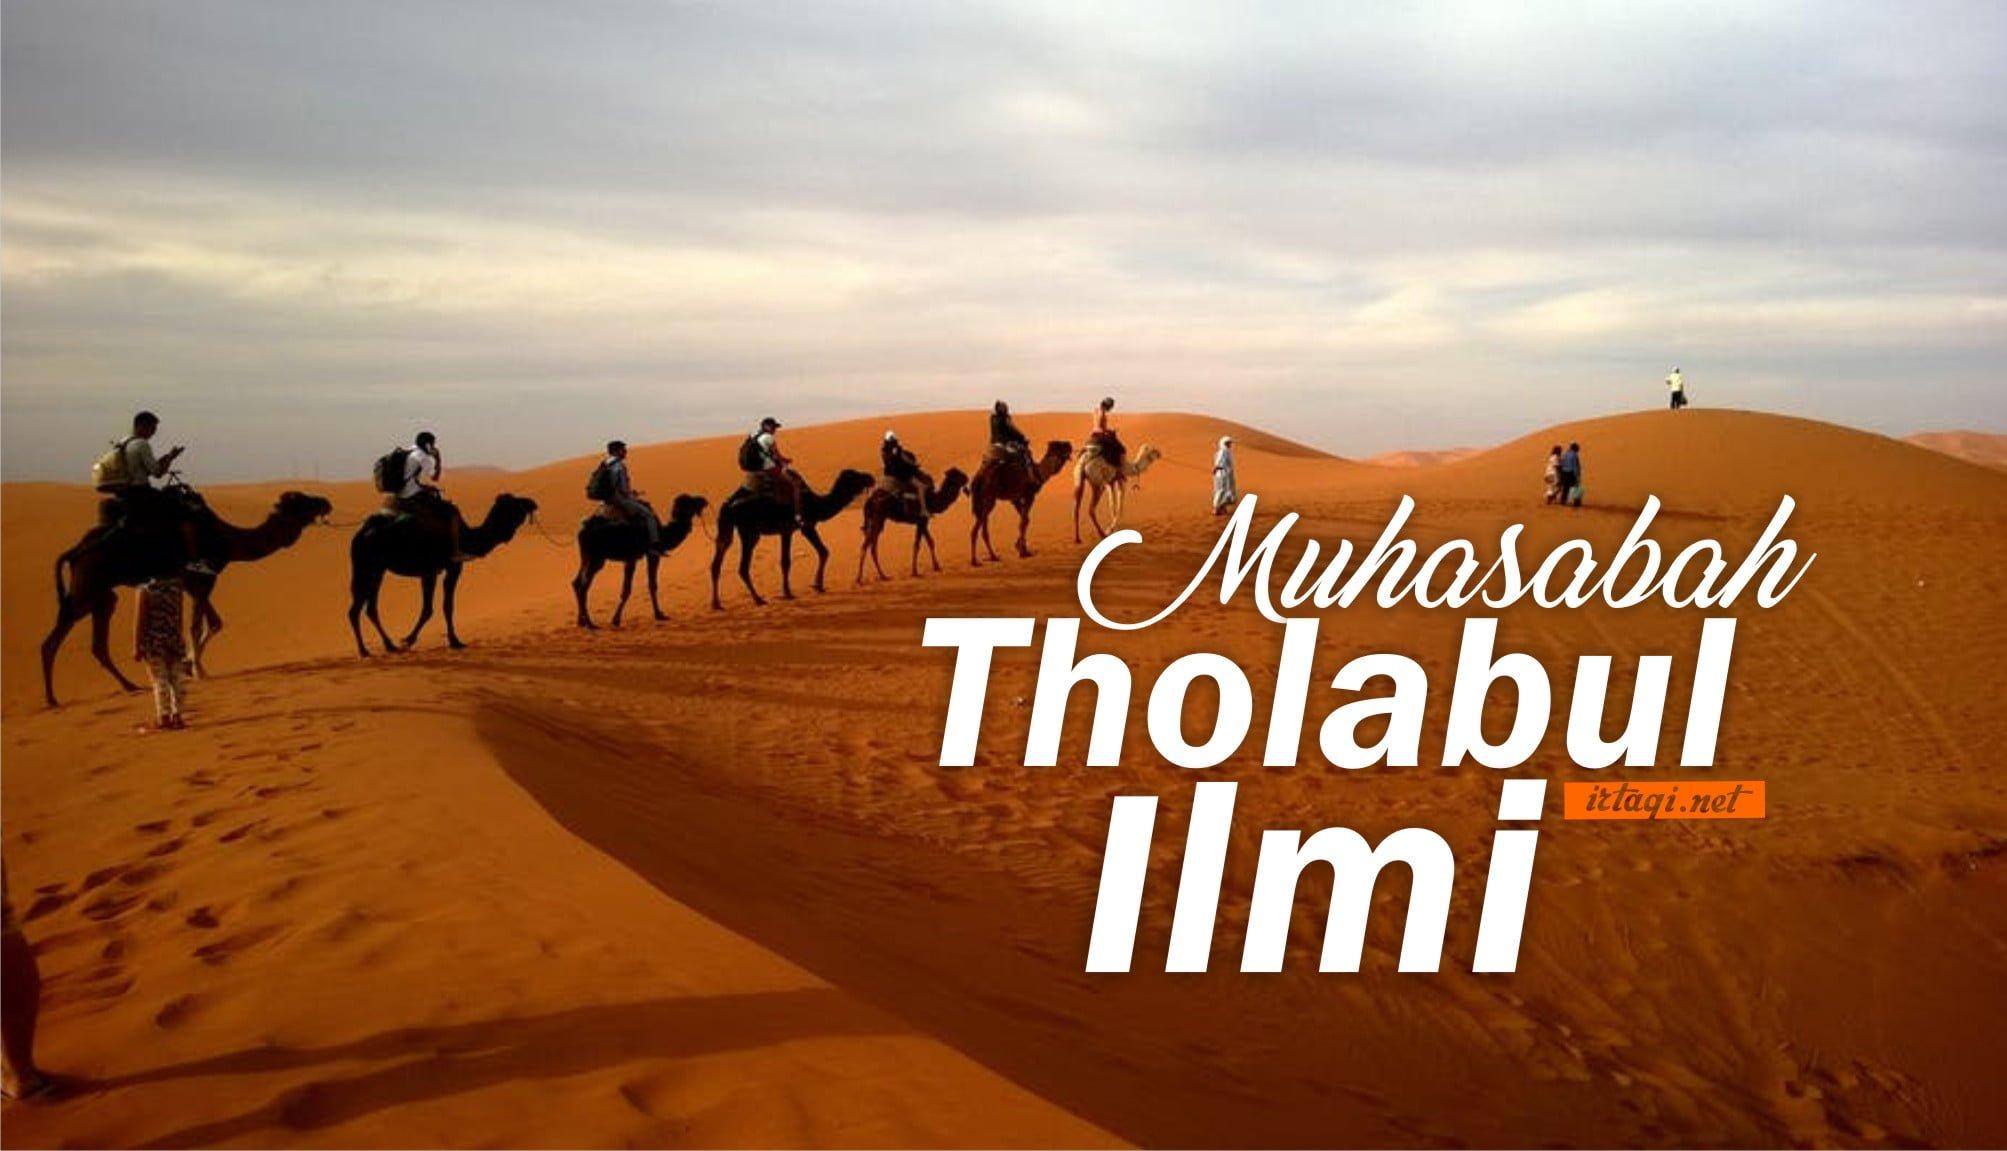 MUHASABAH THOLABUL ILMI